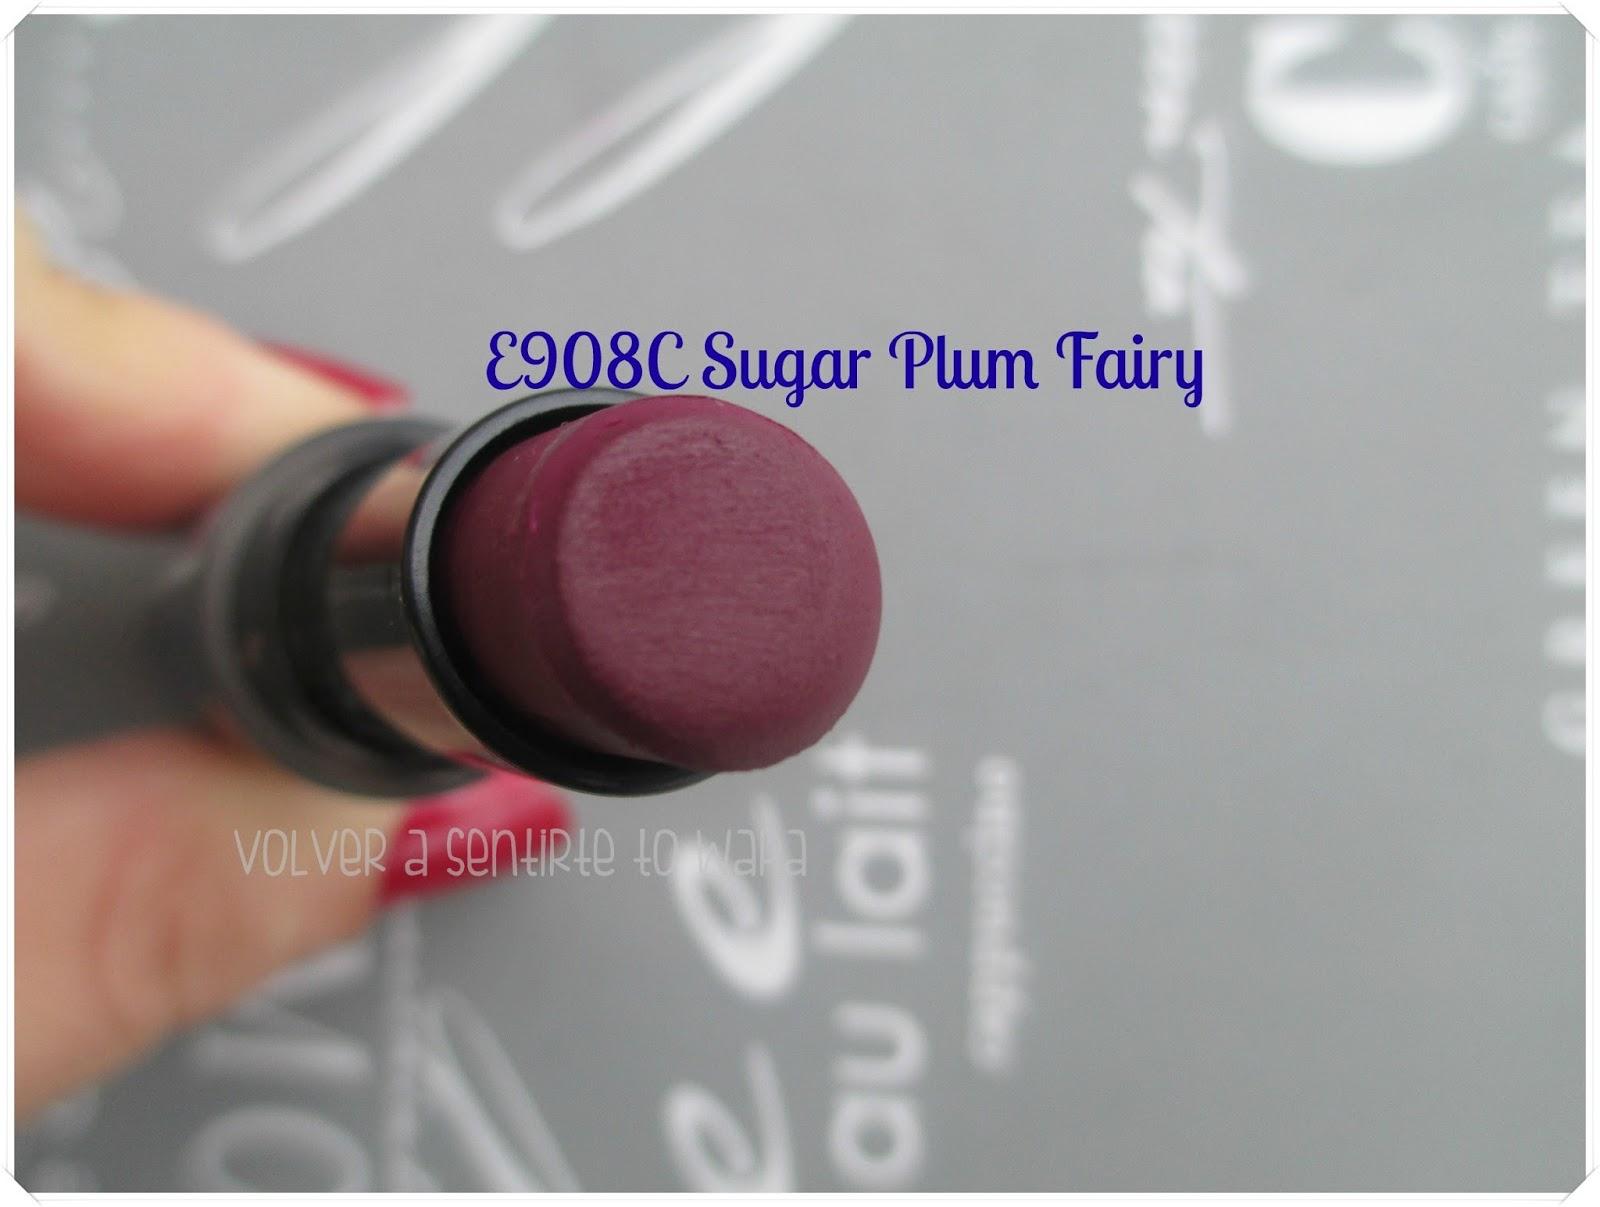 Labiales MegaLast Lip Color de Wet n' Wild - E908C Sugar Plum Fairy